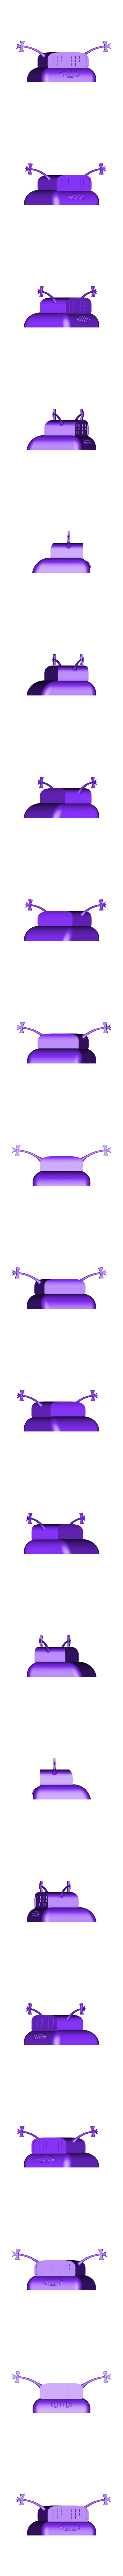 Crushy_Head.stl Télécharger fichier STL gratuit Crushinator from Futurama! • Objet pour impression 3D, ChaosCoreTech